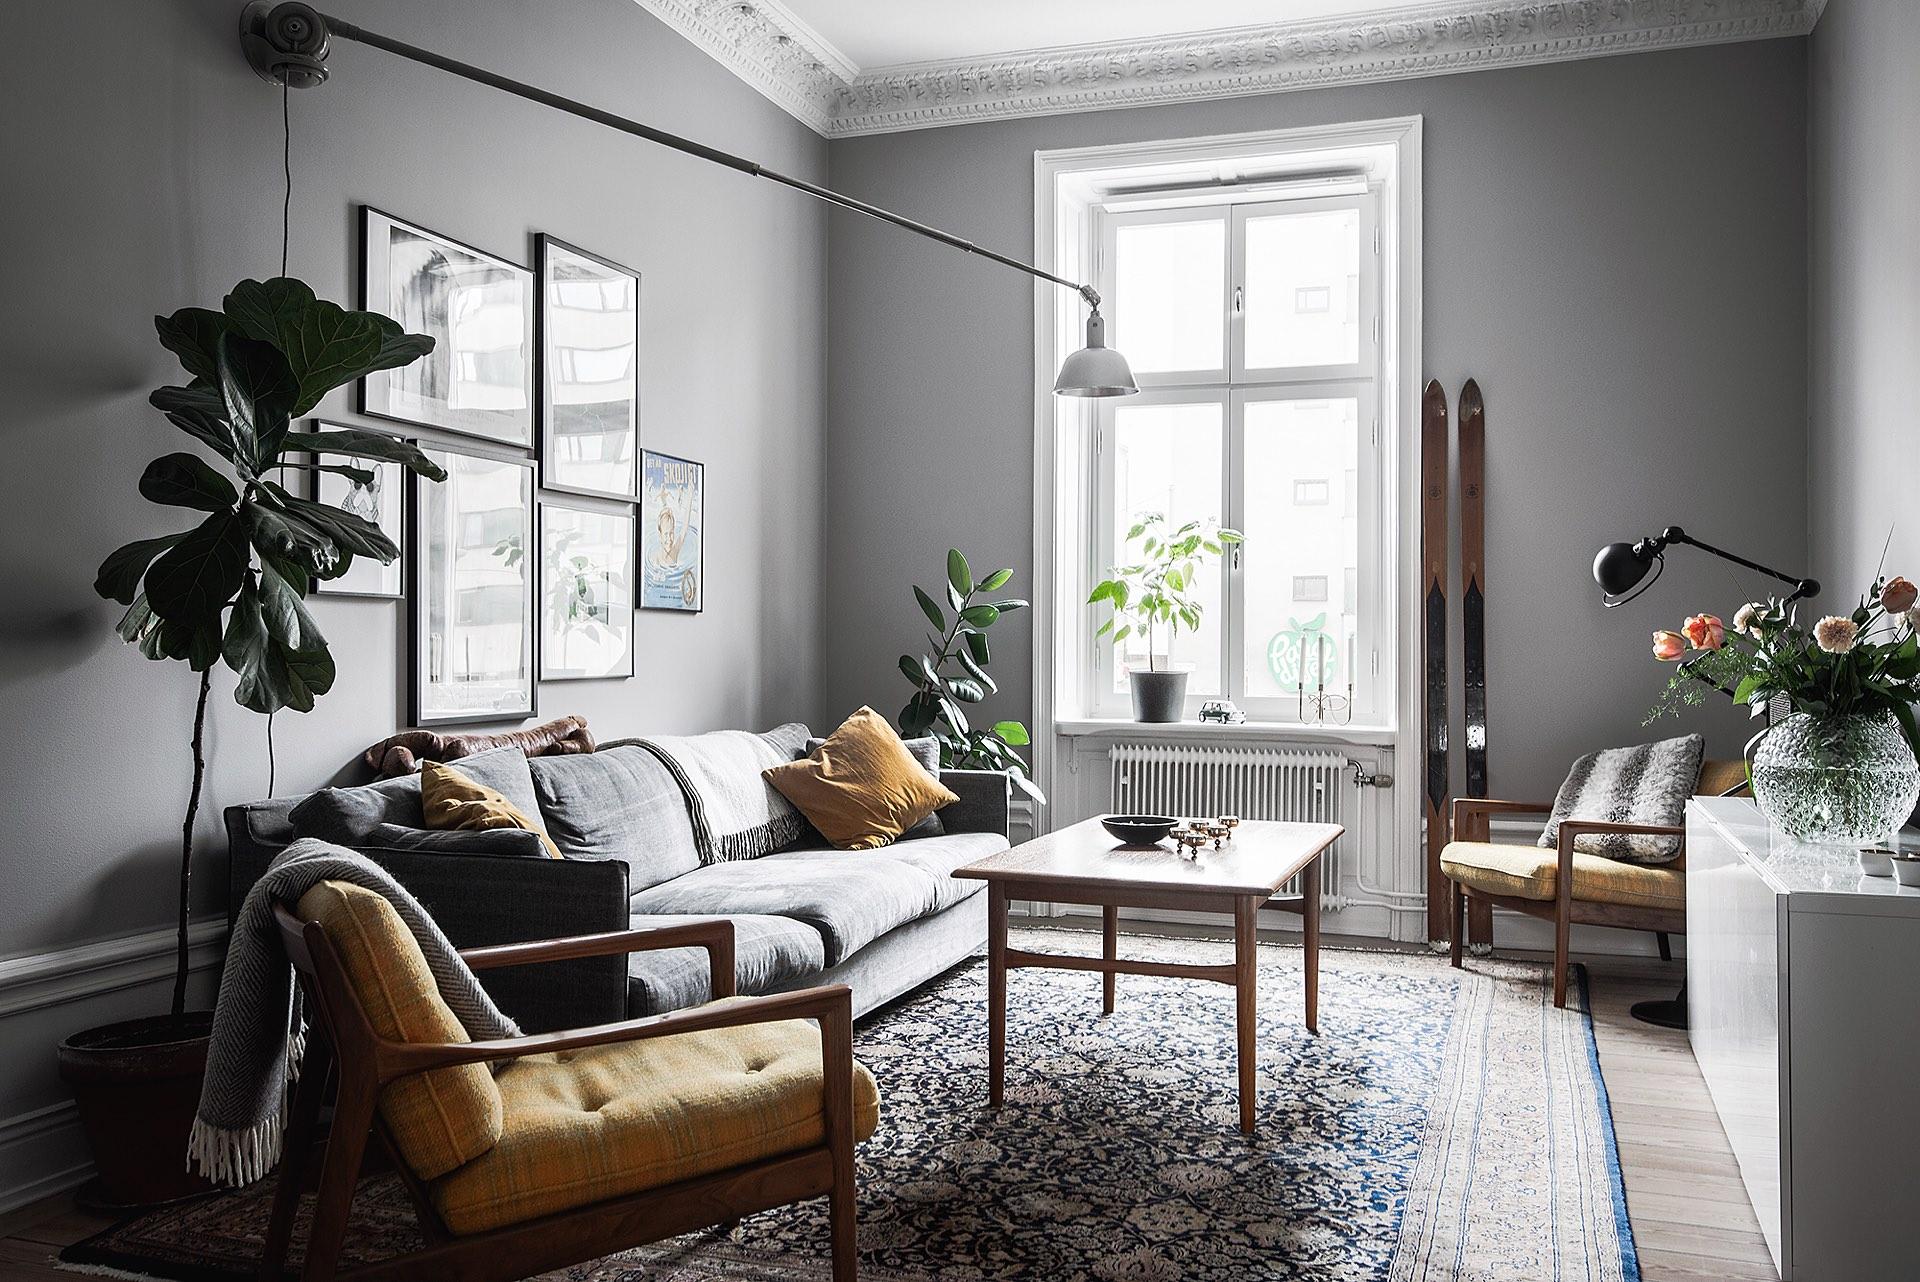 гостиная комната мебель серые стены ковер лыжи